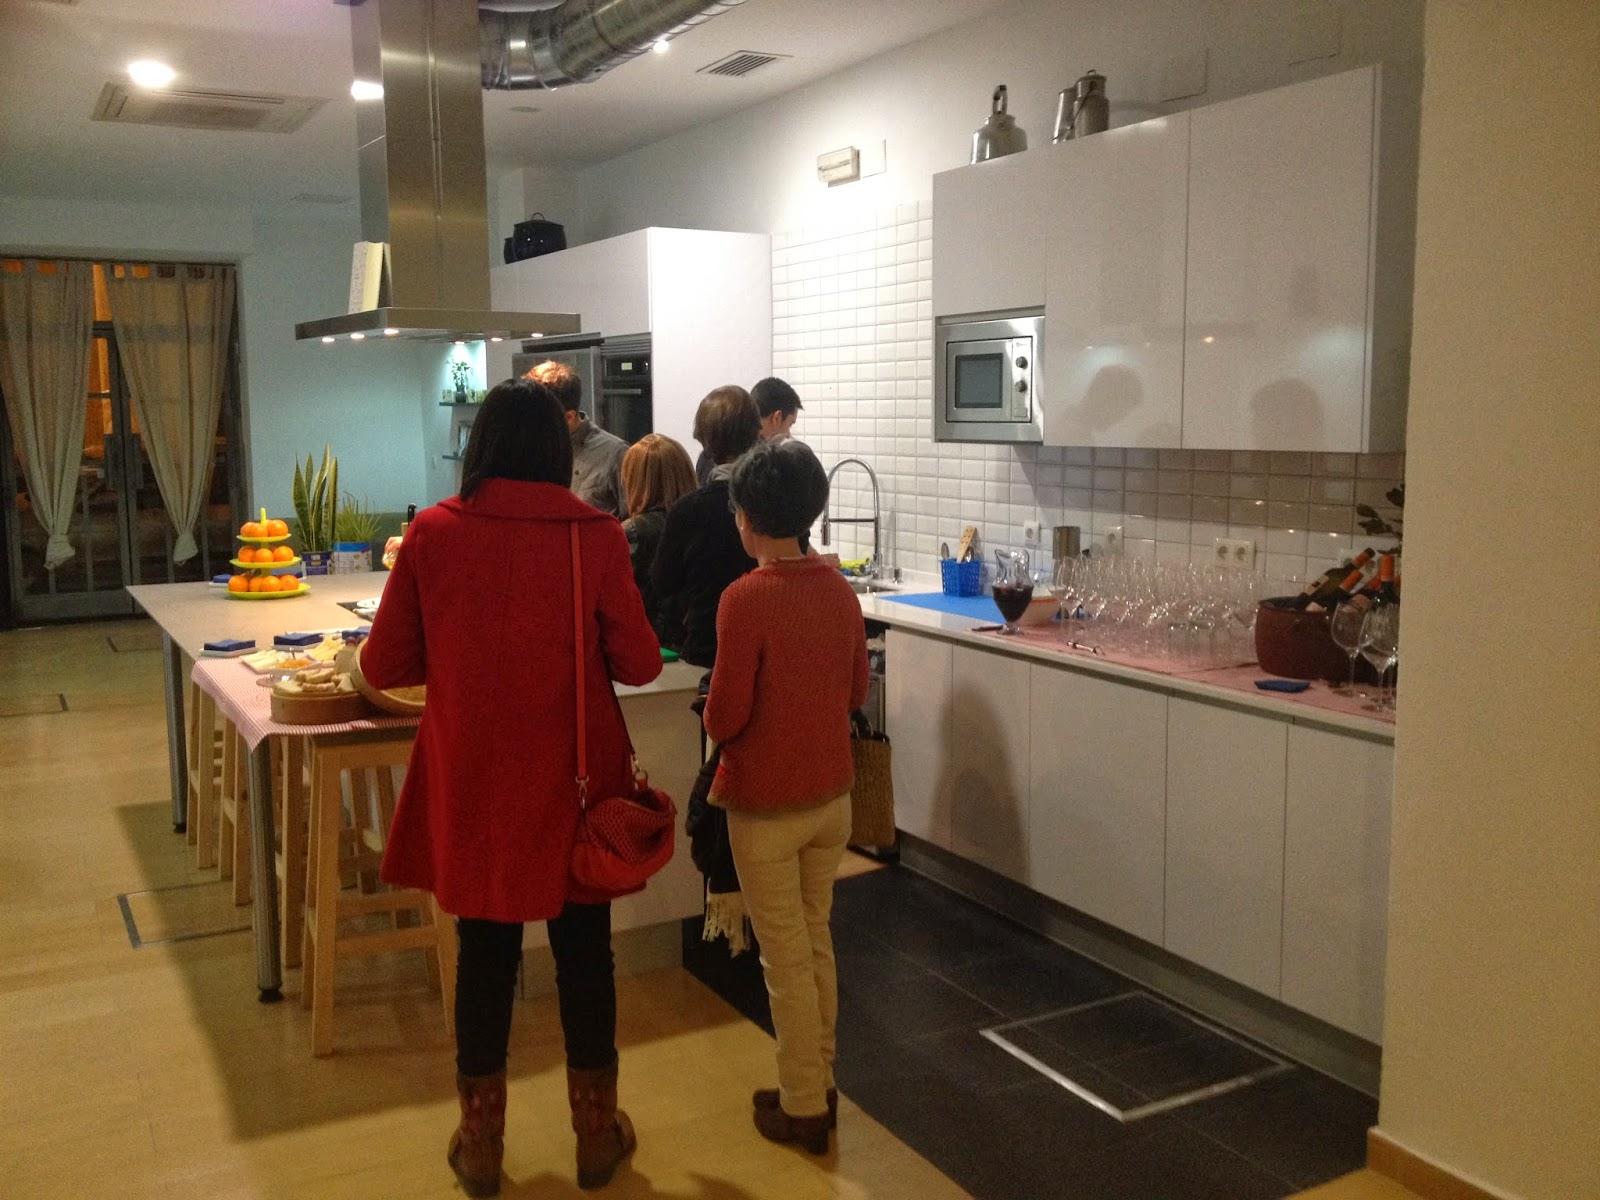 Kok tu cocina un espacio diferente en sevilla tarta chic - Curso cocina sevilla ...